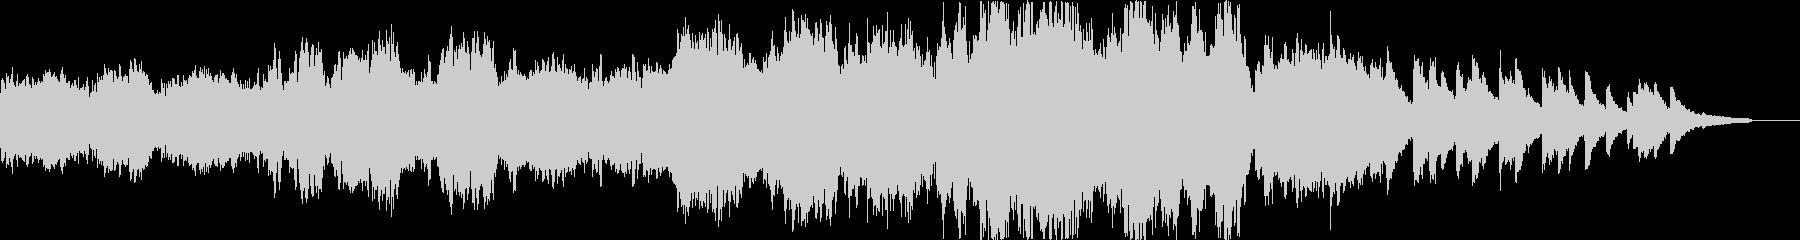 【ショート版】感動系ピアノオーケストラの未再生の波形